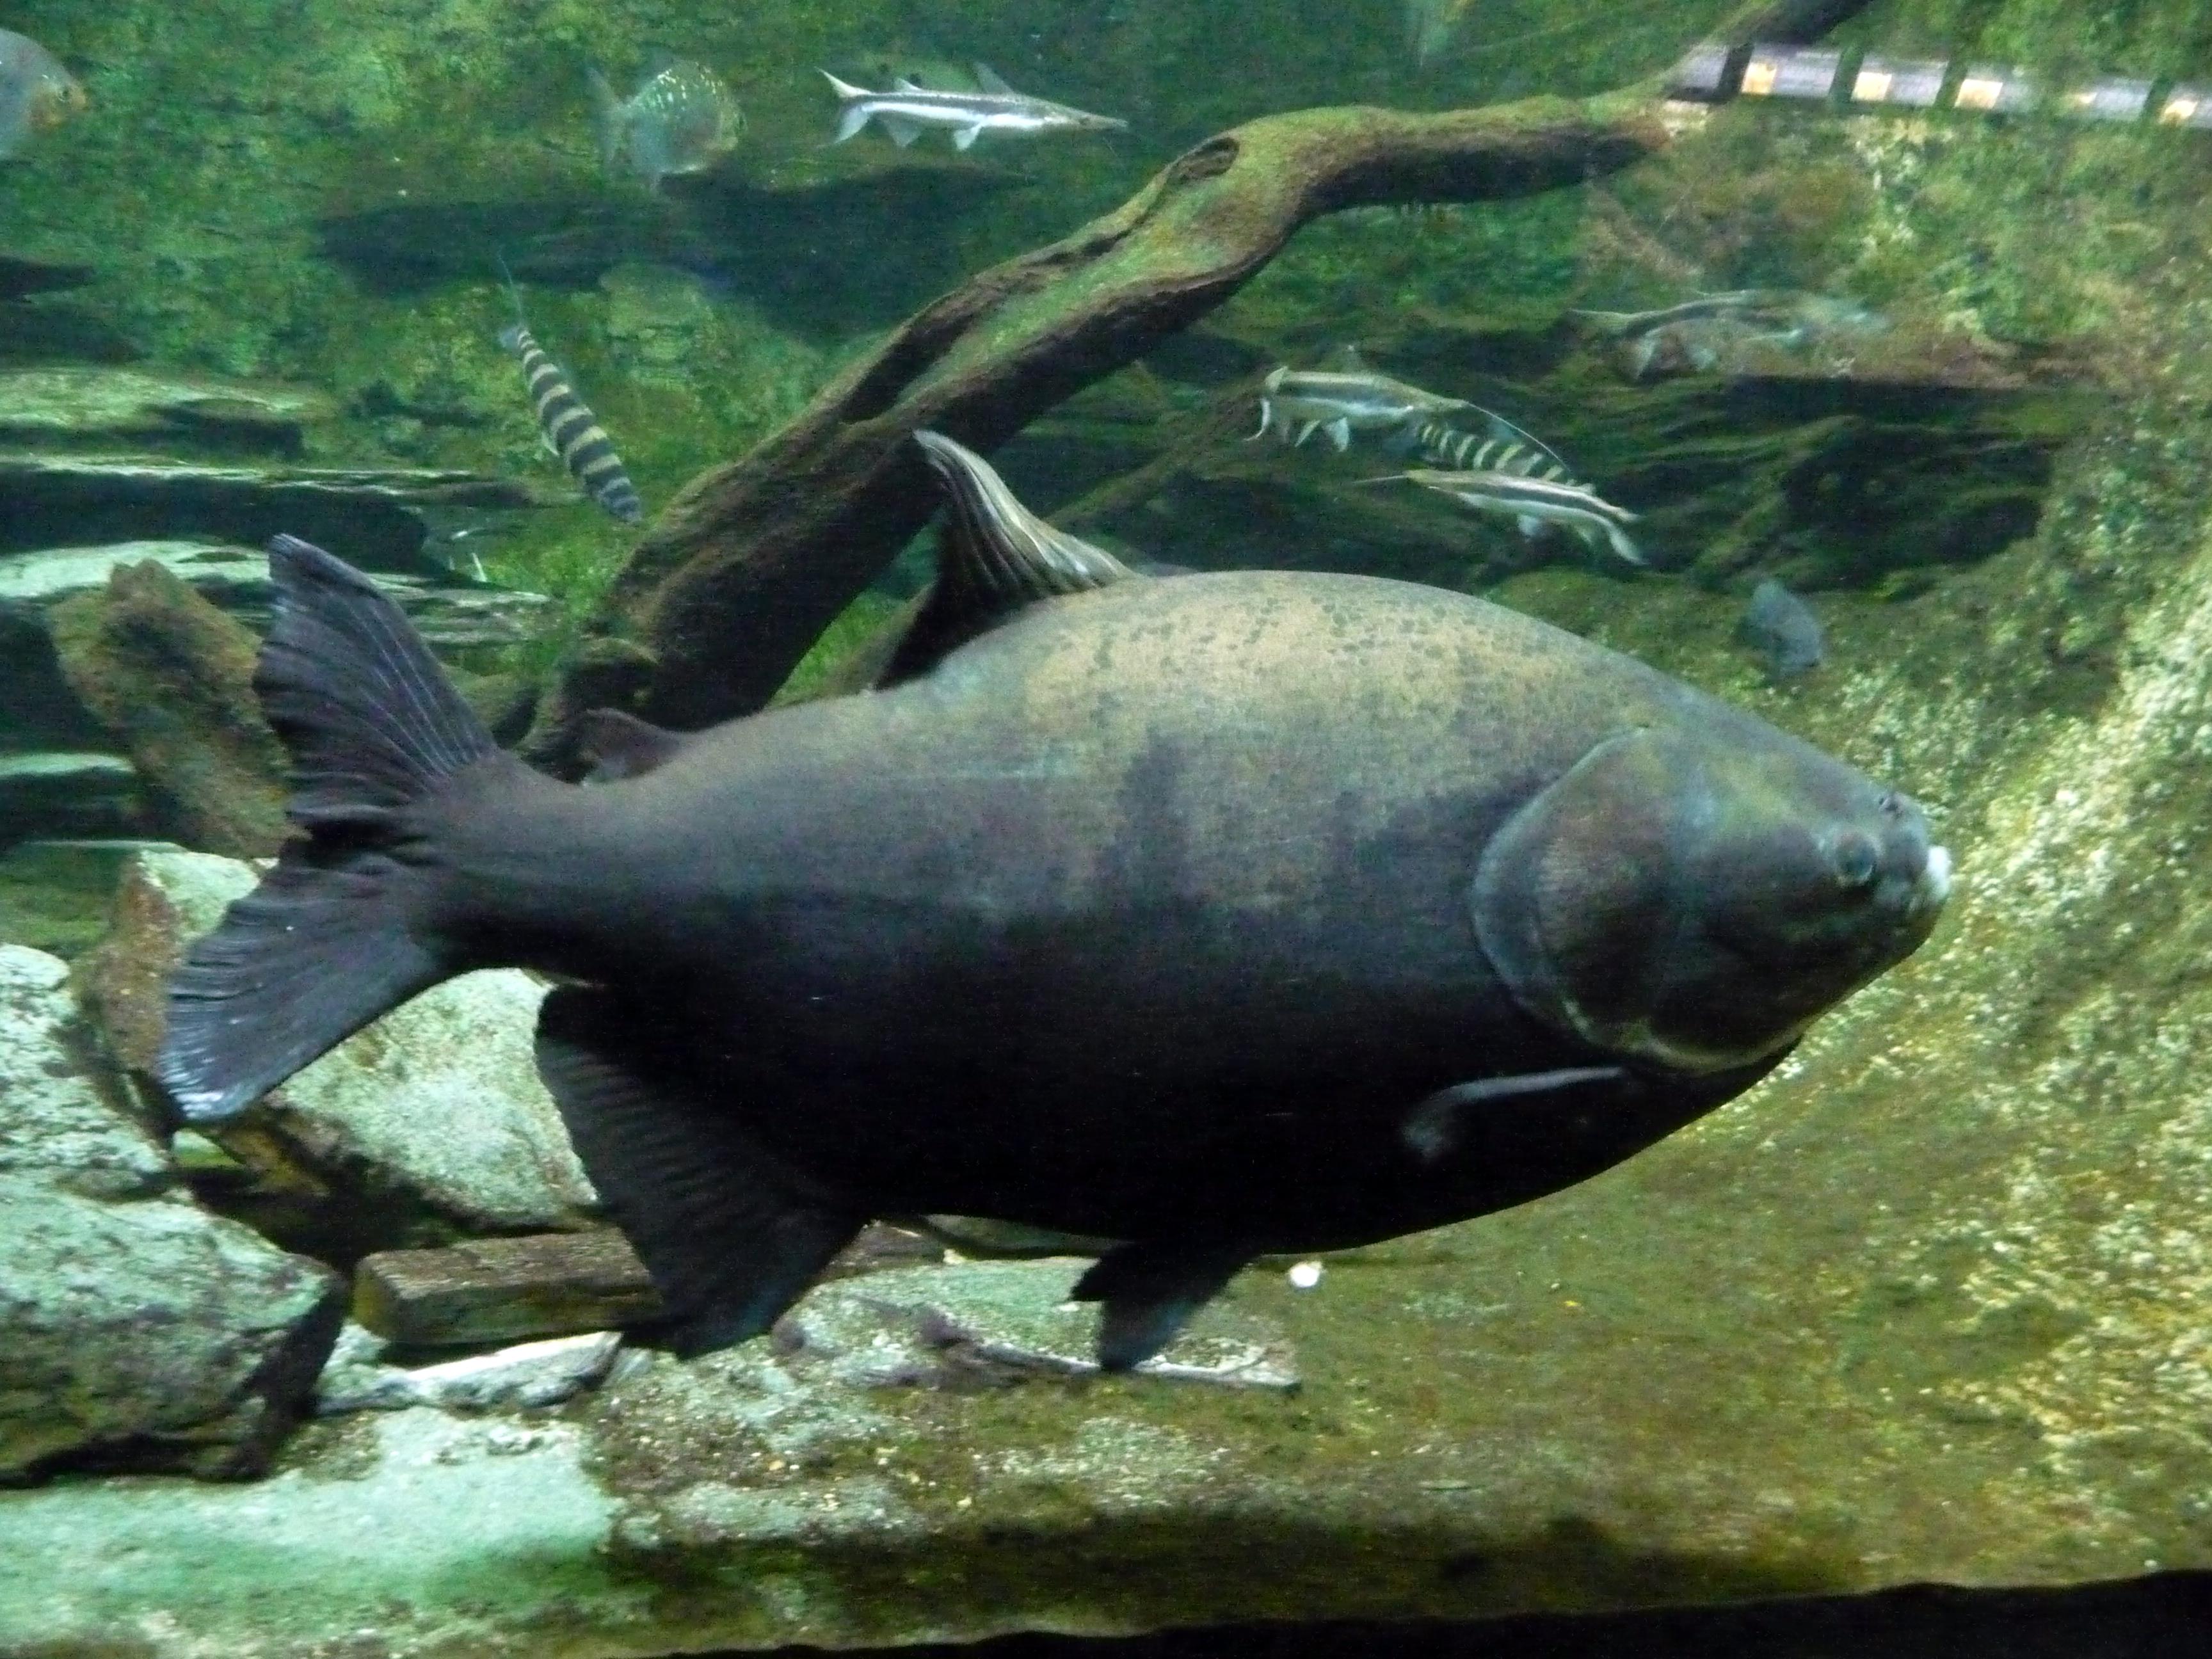 besoin d'identification de poisson Piaractus_brachypomus